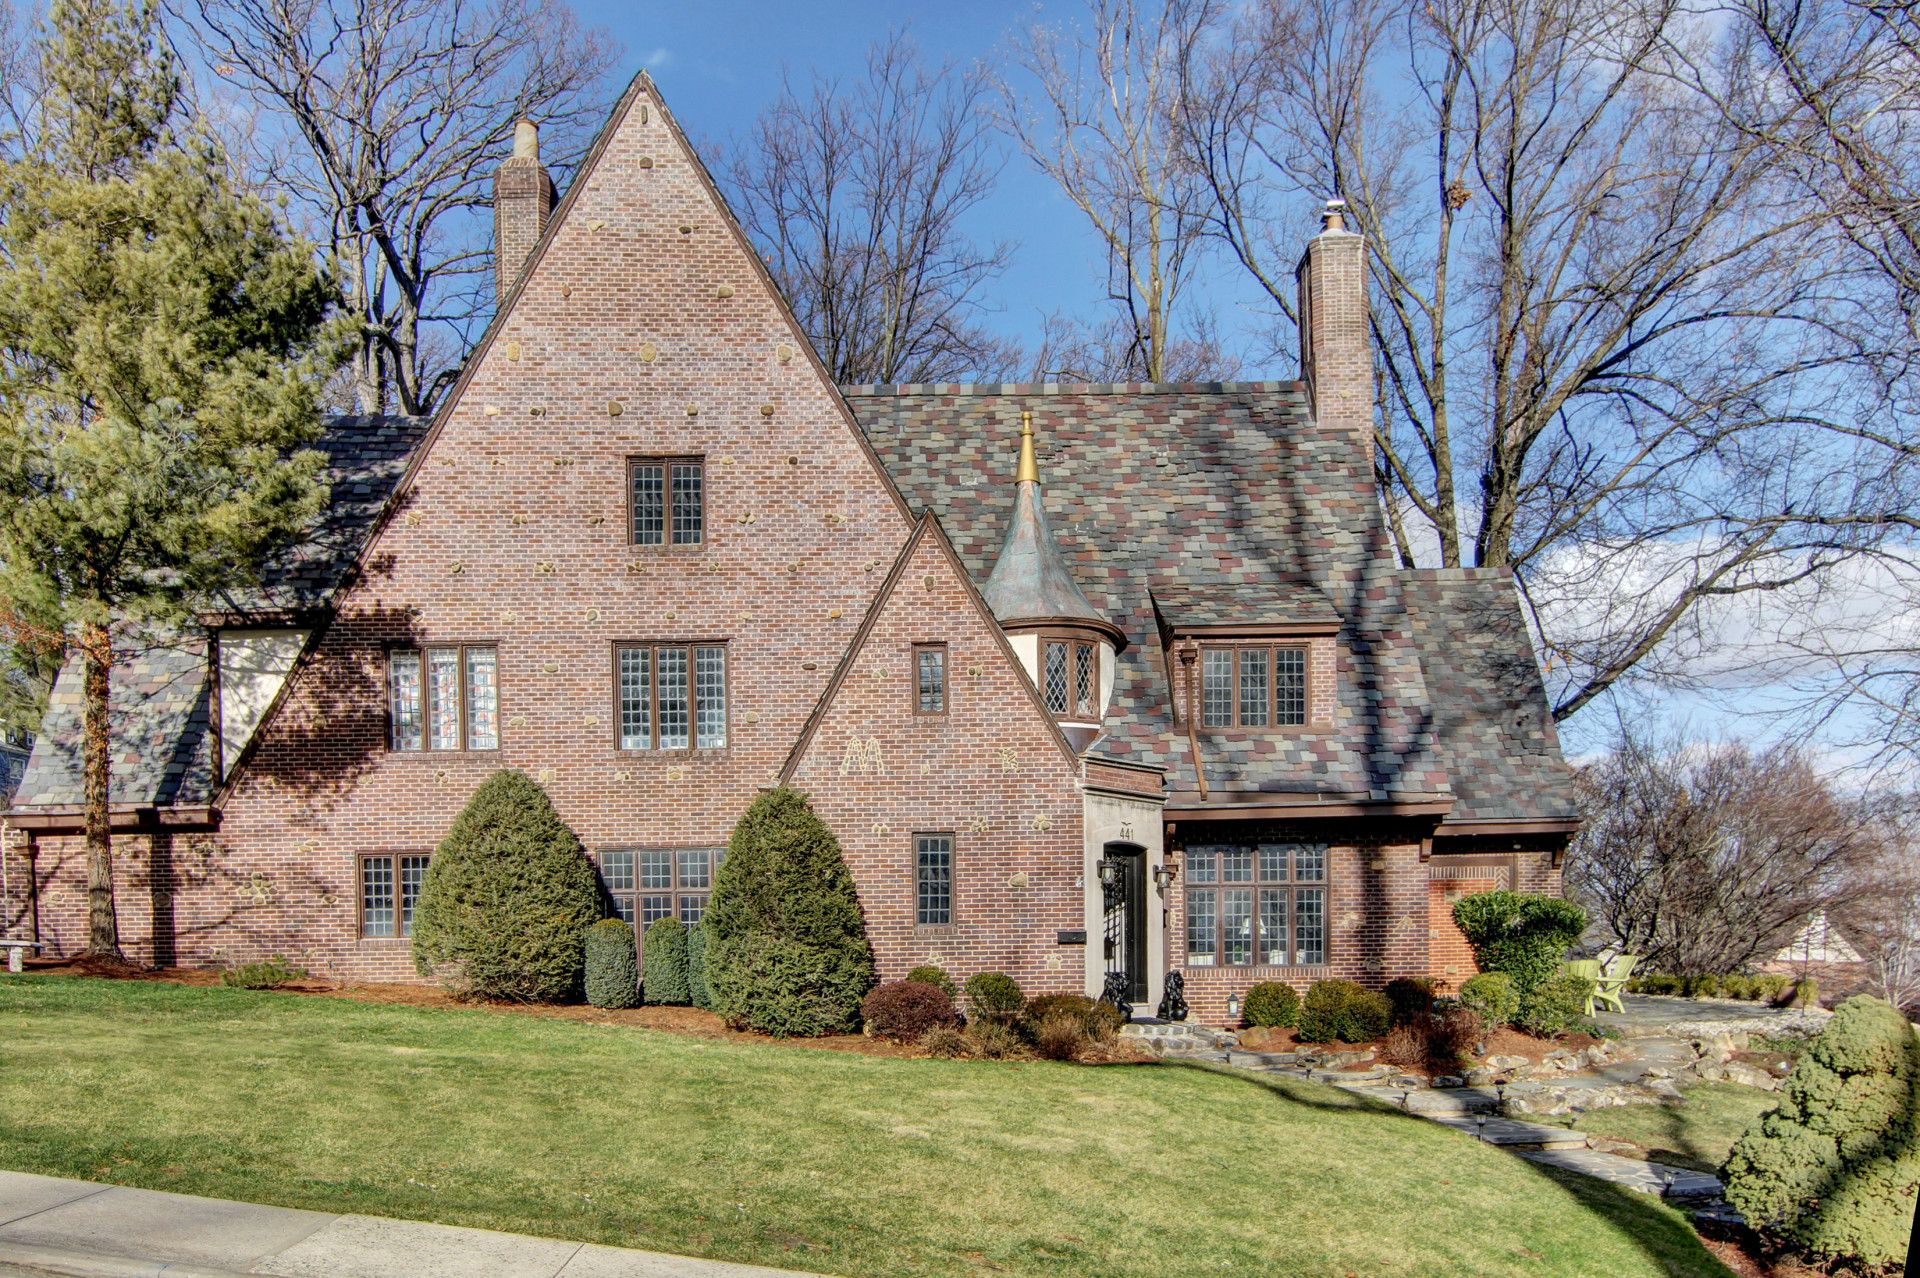 Частный односемейный дом для того Продажа на Stately Tudor 441 Overhill Rd South Orange, Нью-Джерси 07079 Соединенные Штаты